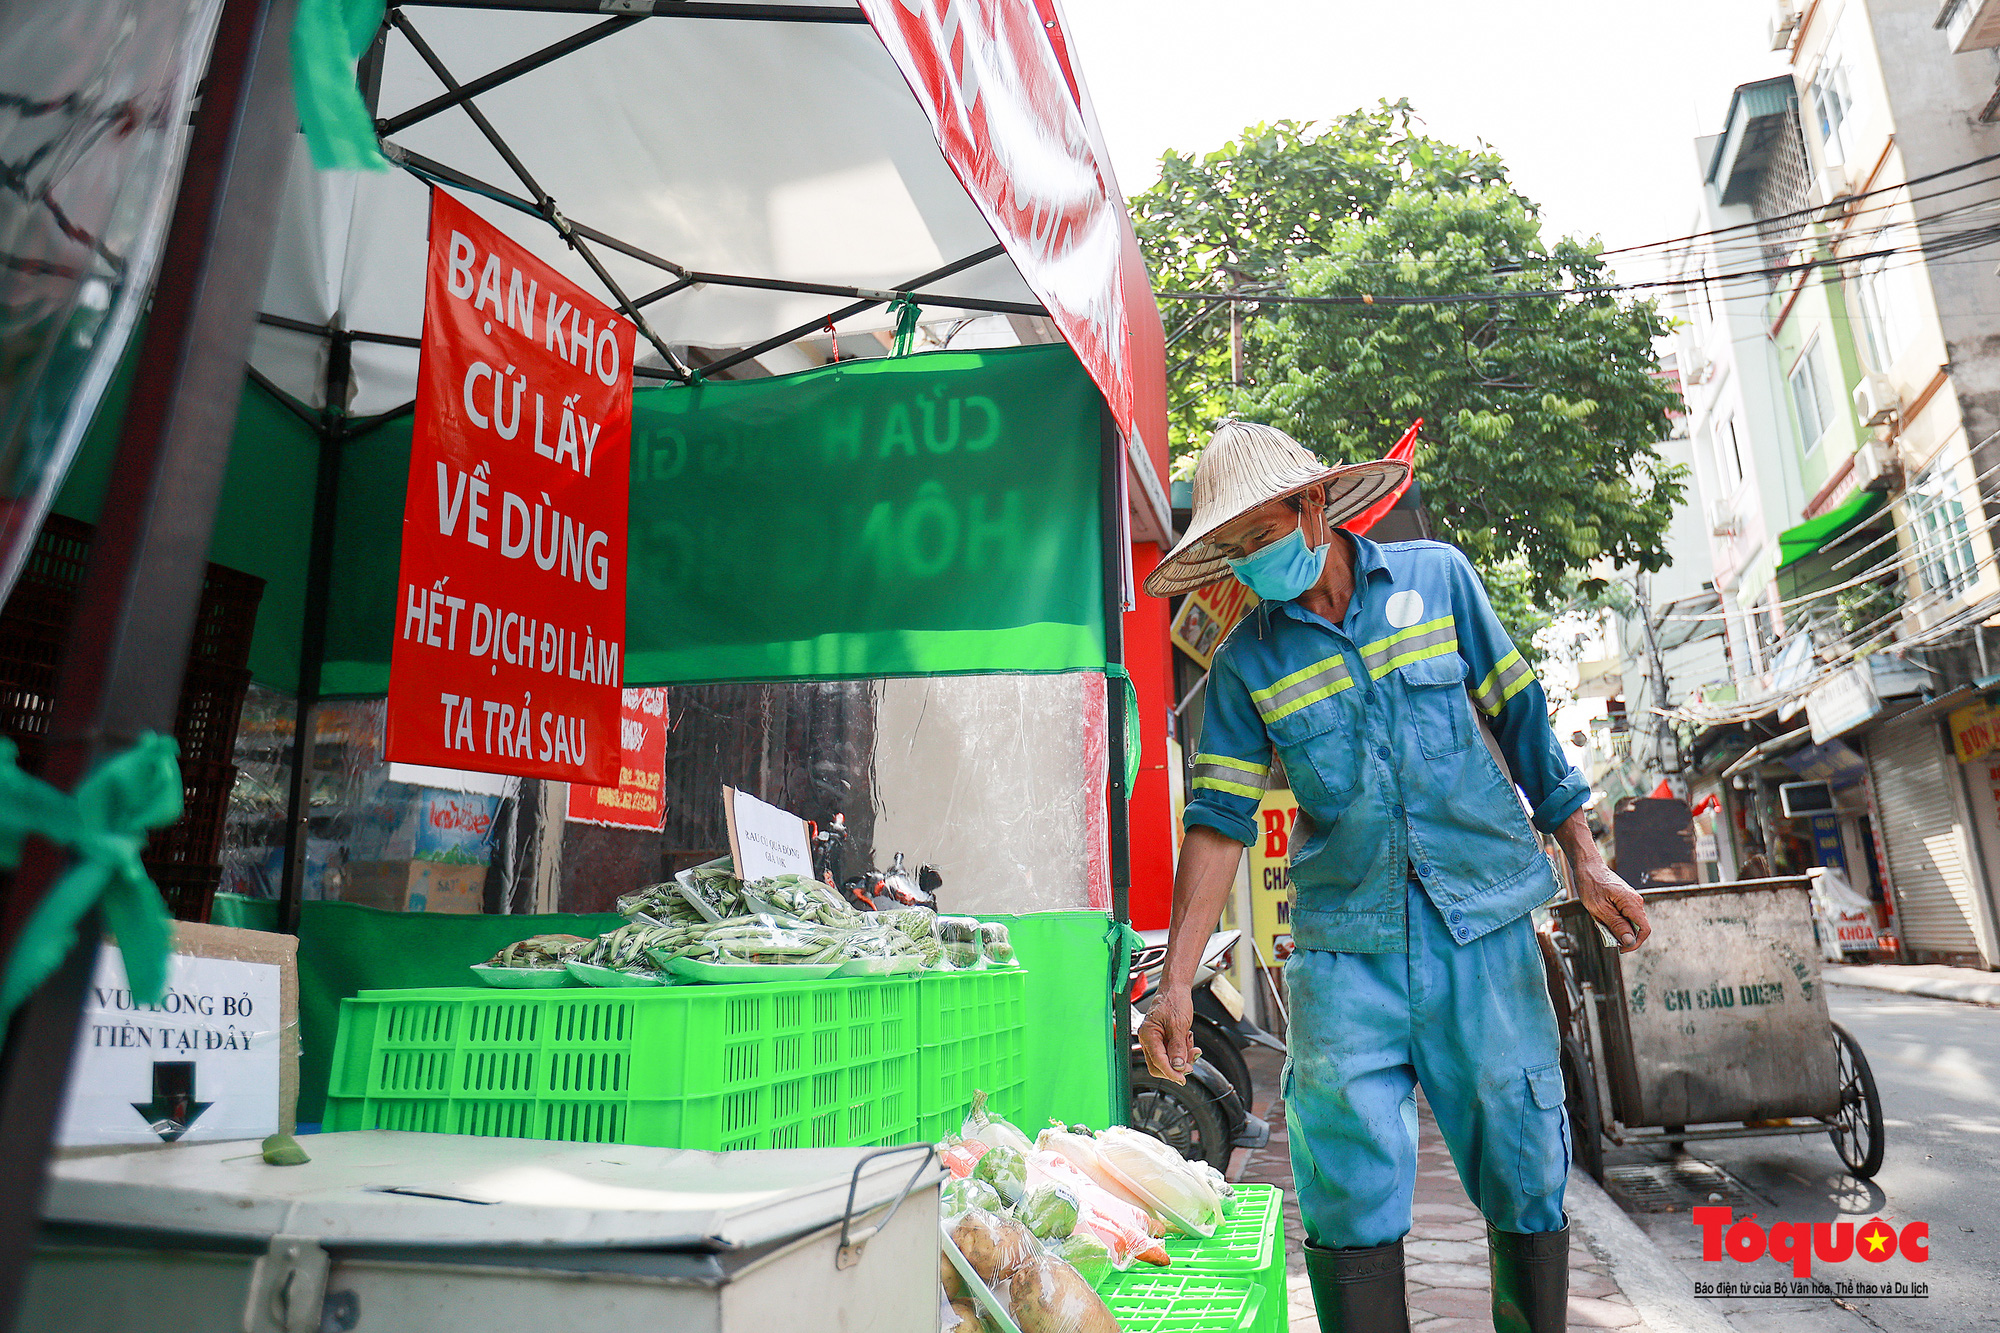 Hà Nội: Cửa hàng thiết yếu không người bán, người mua cũng không cần phải trả tiền ngay - Ảnh 12.